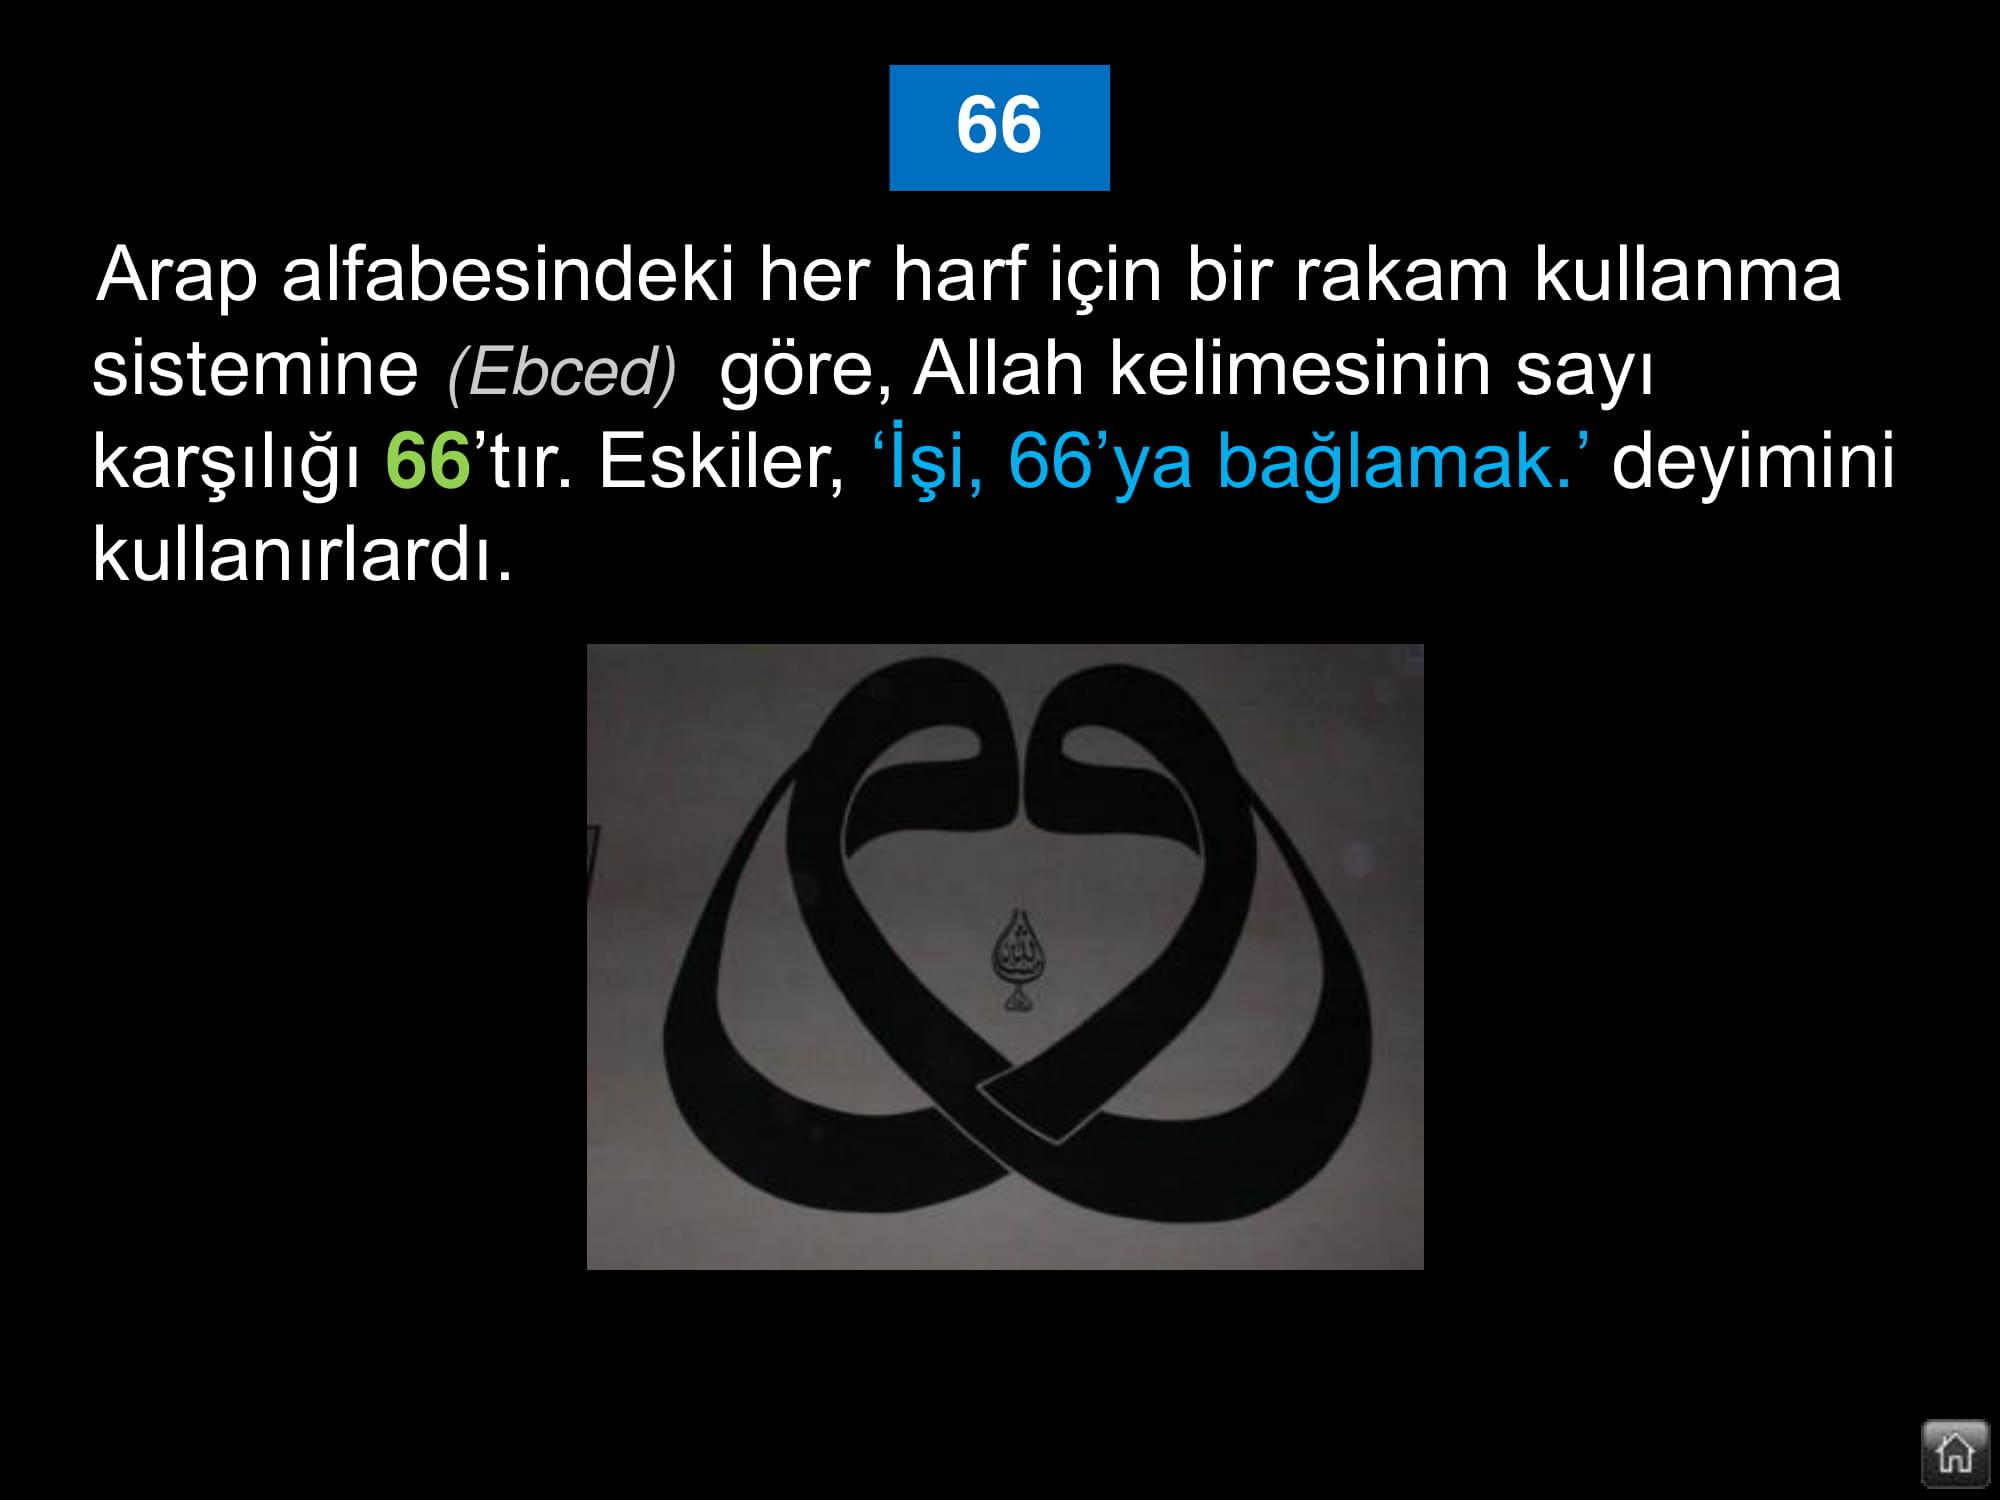 Allah kelimesinin sayı karşılığı 66